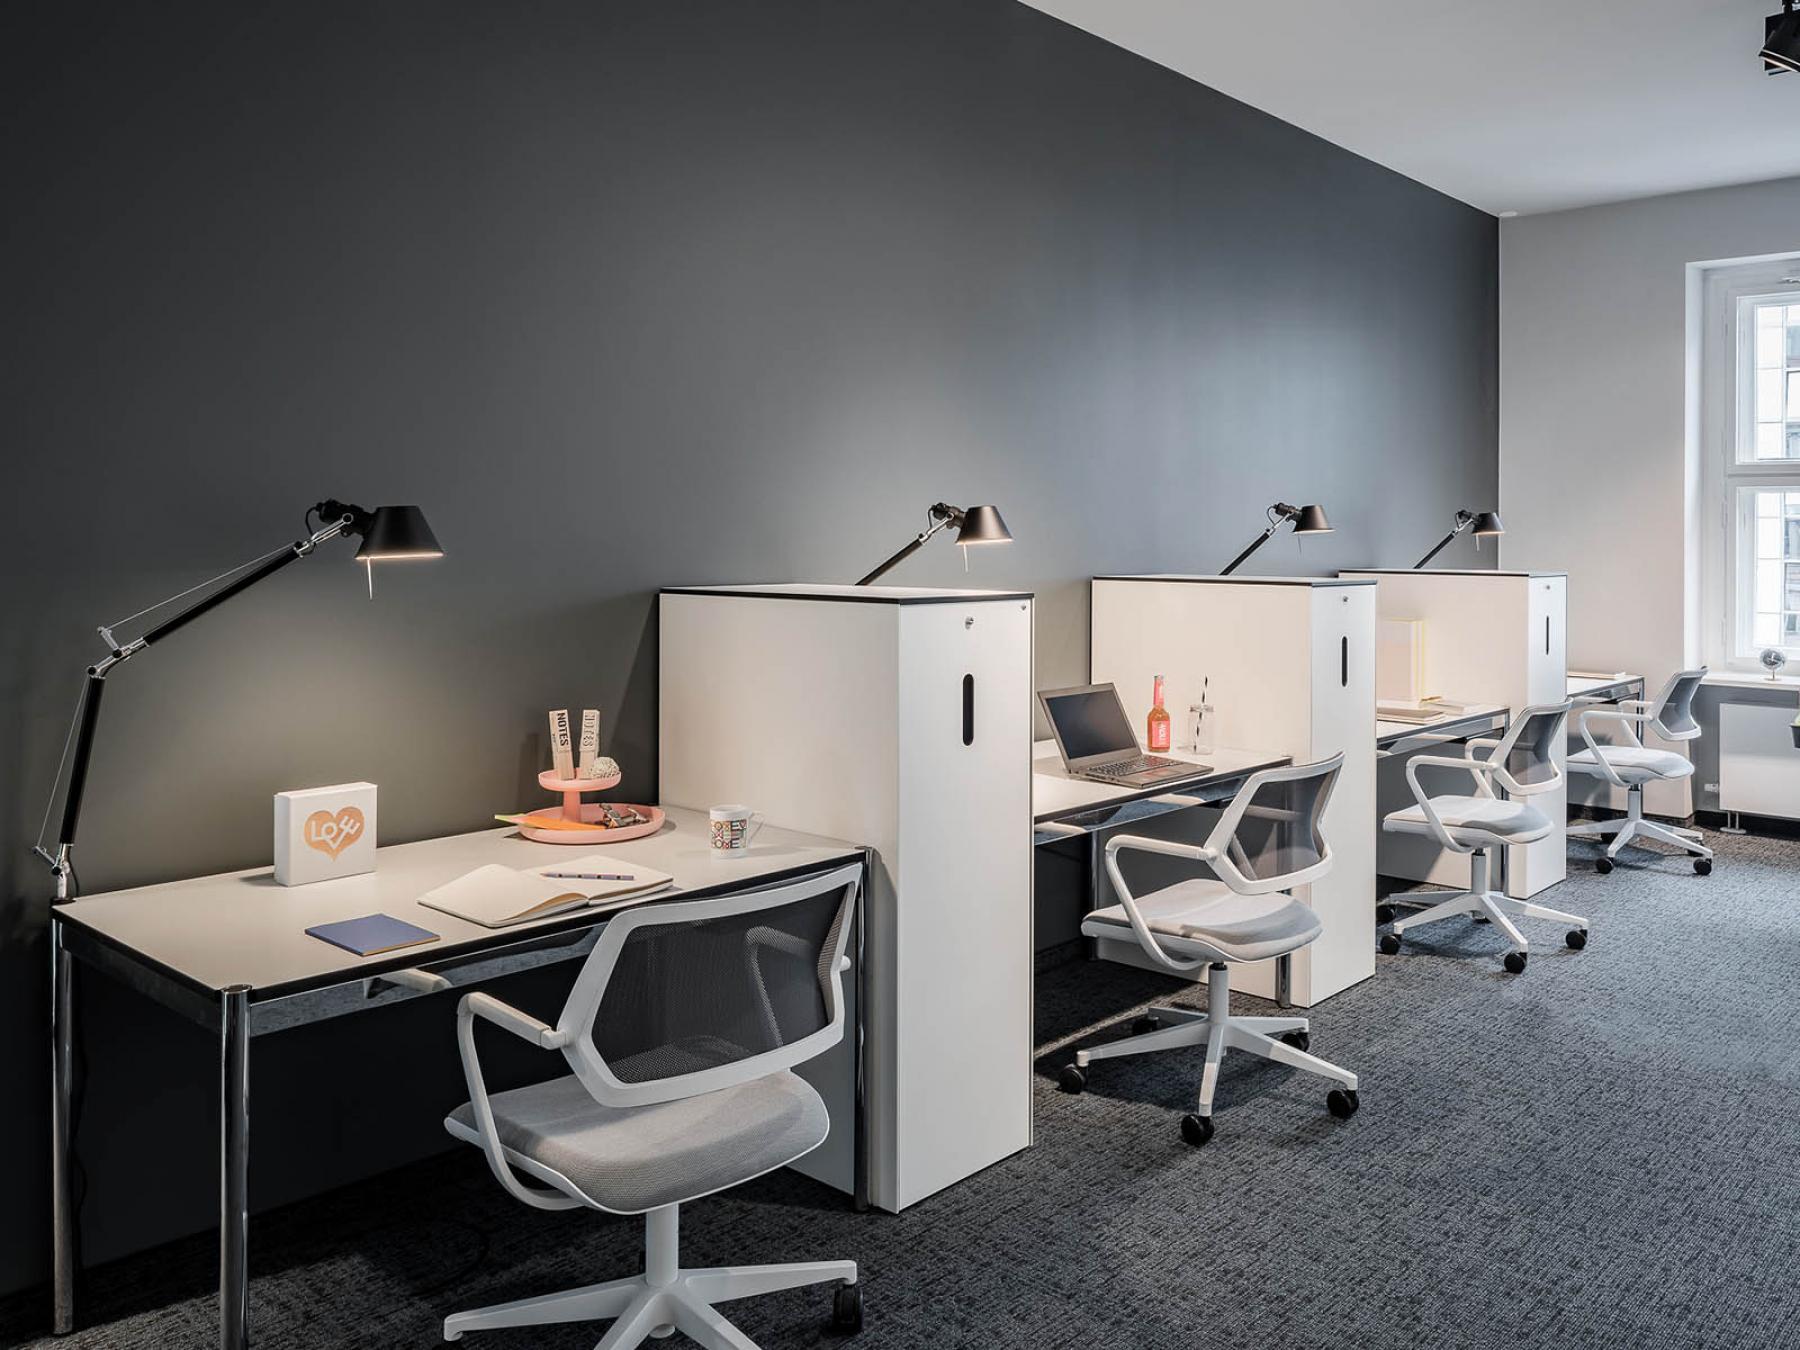 Moderner Coworking-Bereich in offenem Büroraum